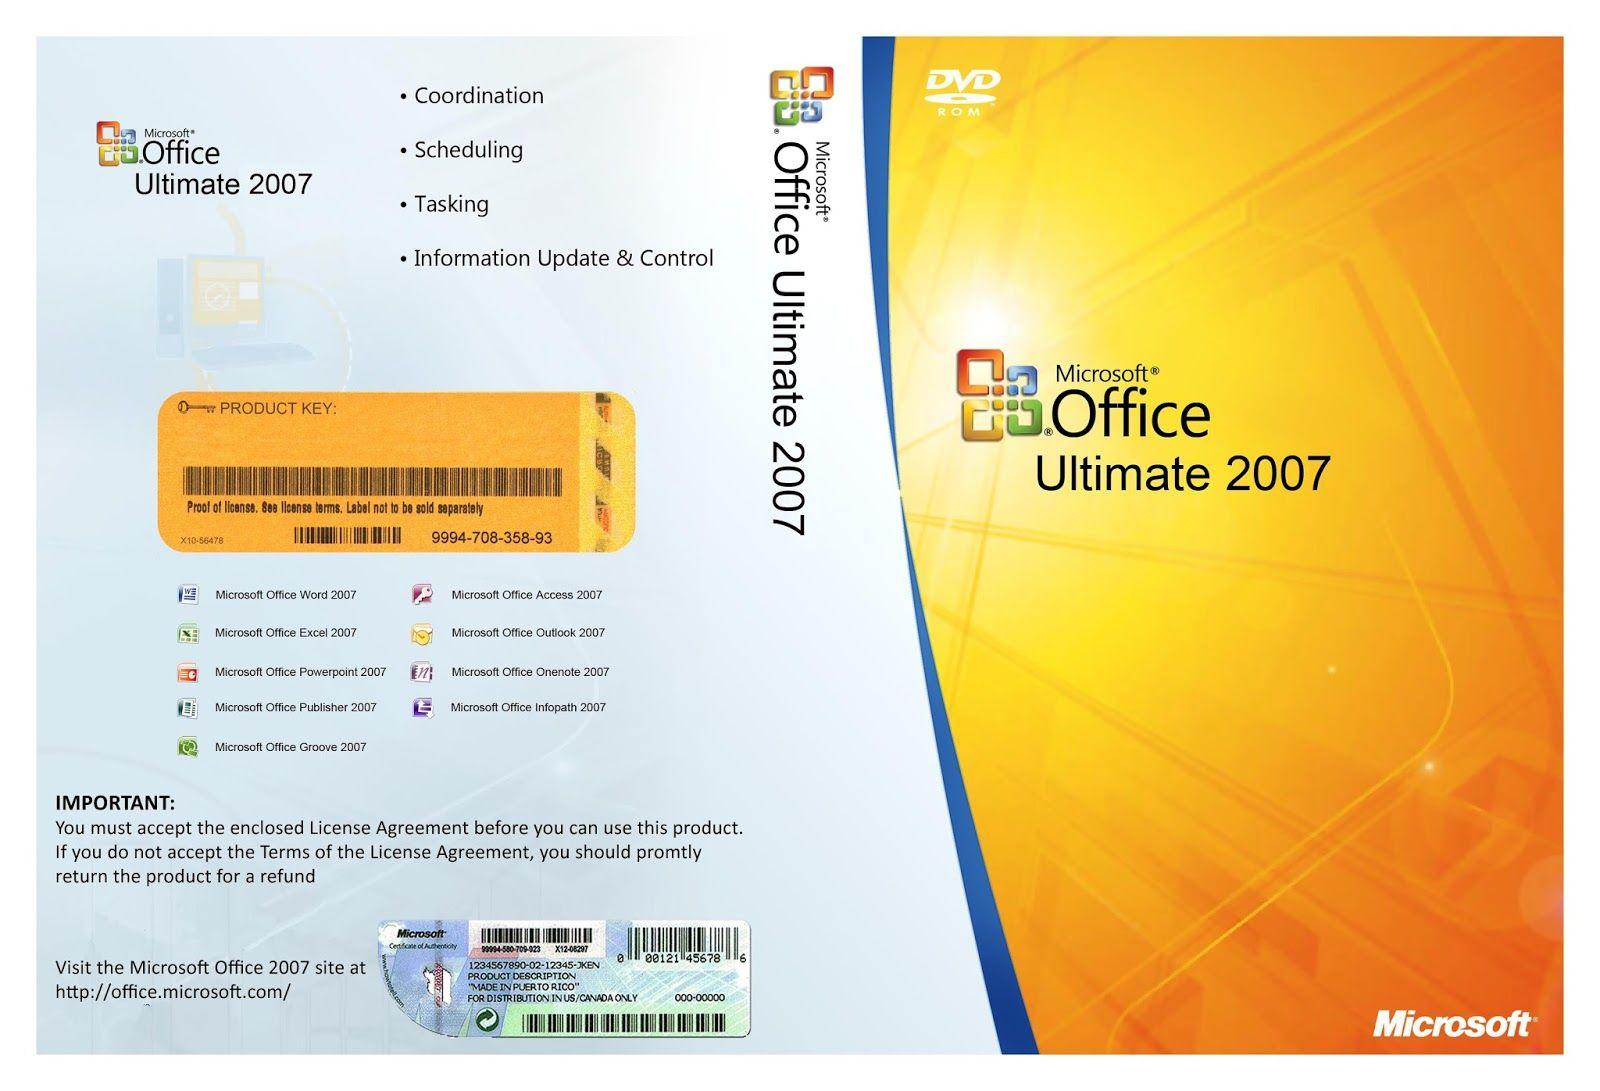 microsoft office 2007 ultimate keygen